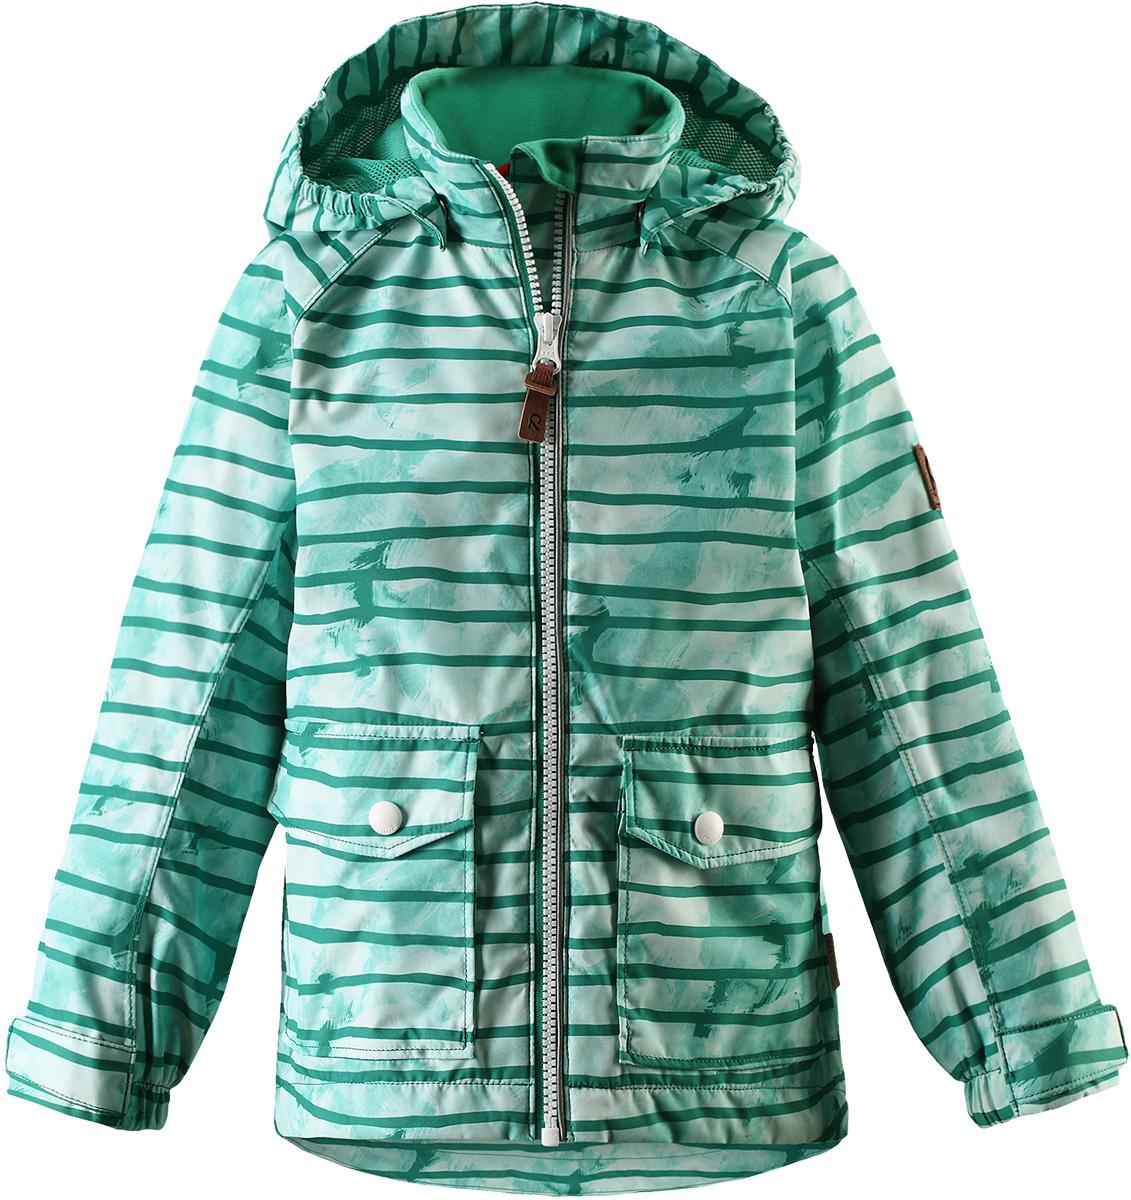 Куртка детская Reima Knot, цвет: зеленый. 5214858805. Размер 985214858805Куртка Reima исполнена из высокотехнологичной ткани не пропускающей влагу, но не препятствующей циркуляции воздуха. Мембранная ткань пропускает влагу наружу когда ребенок потеет, но не позволяет ей проникнуть внутрь, что отлично при активных играх.